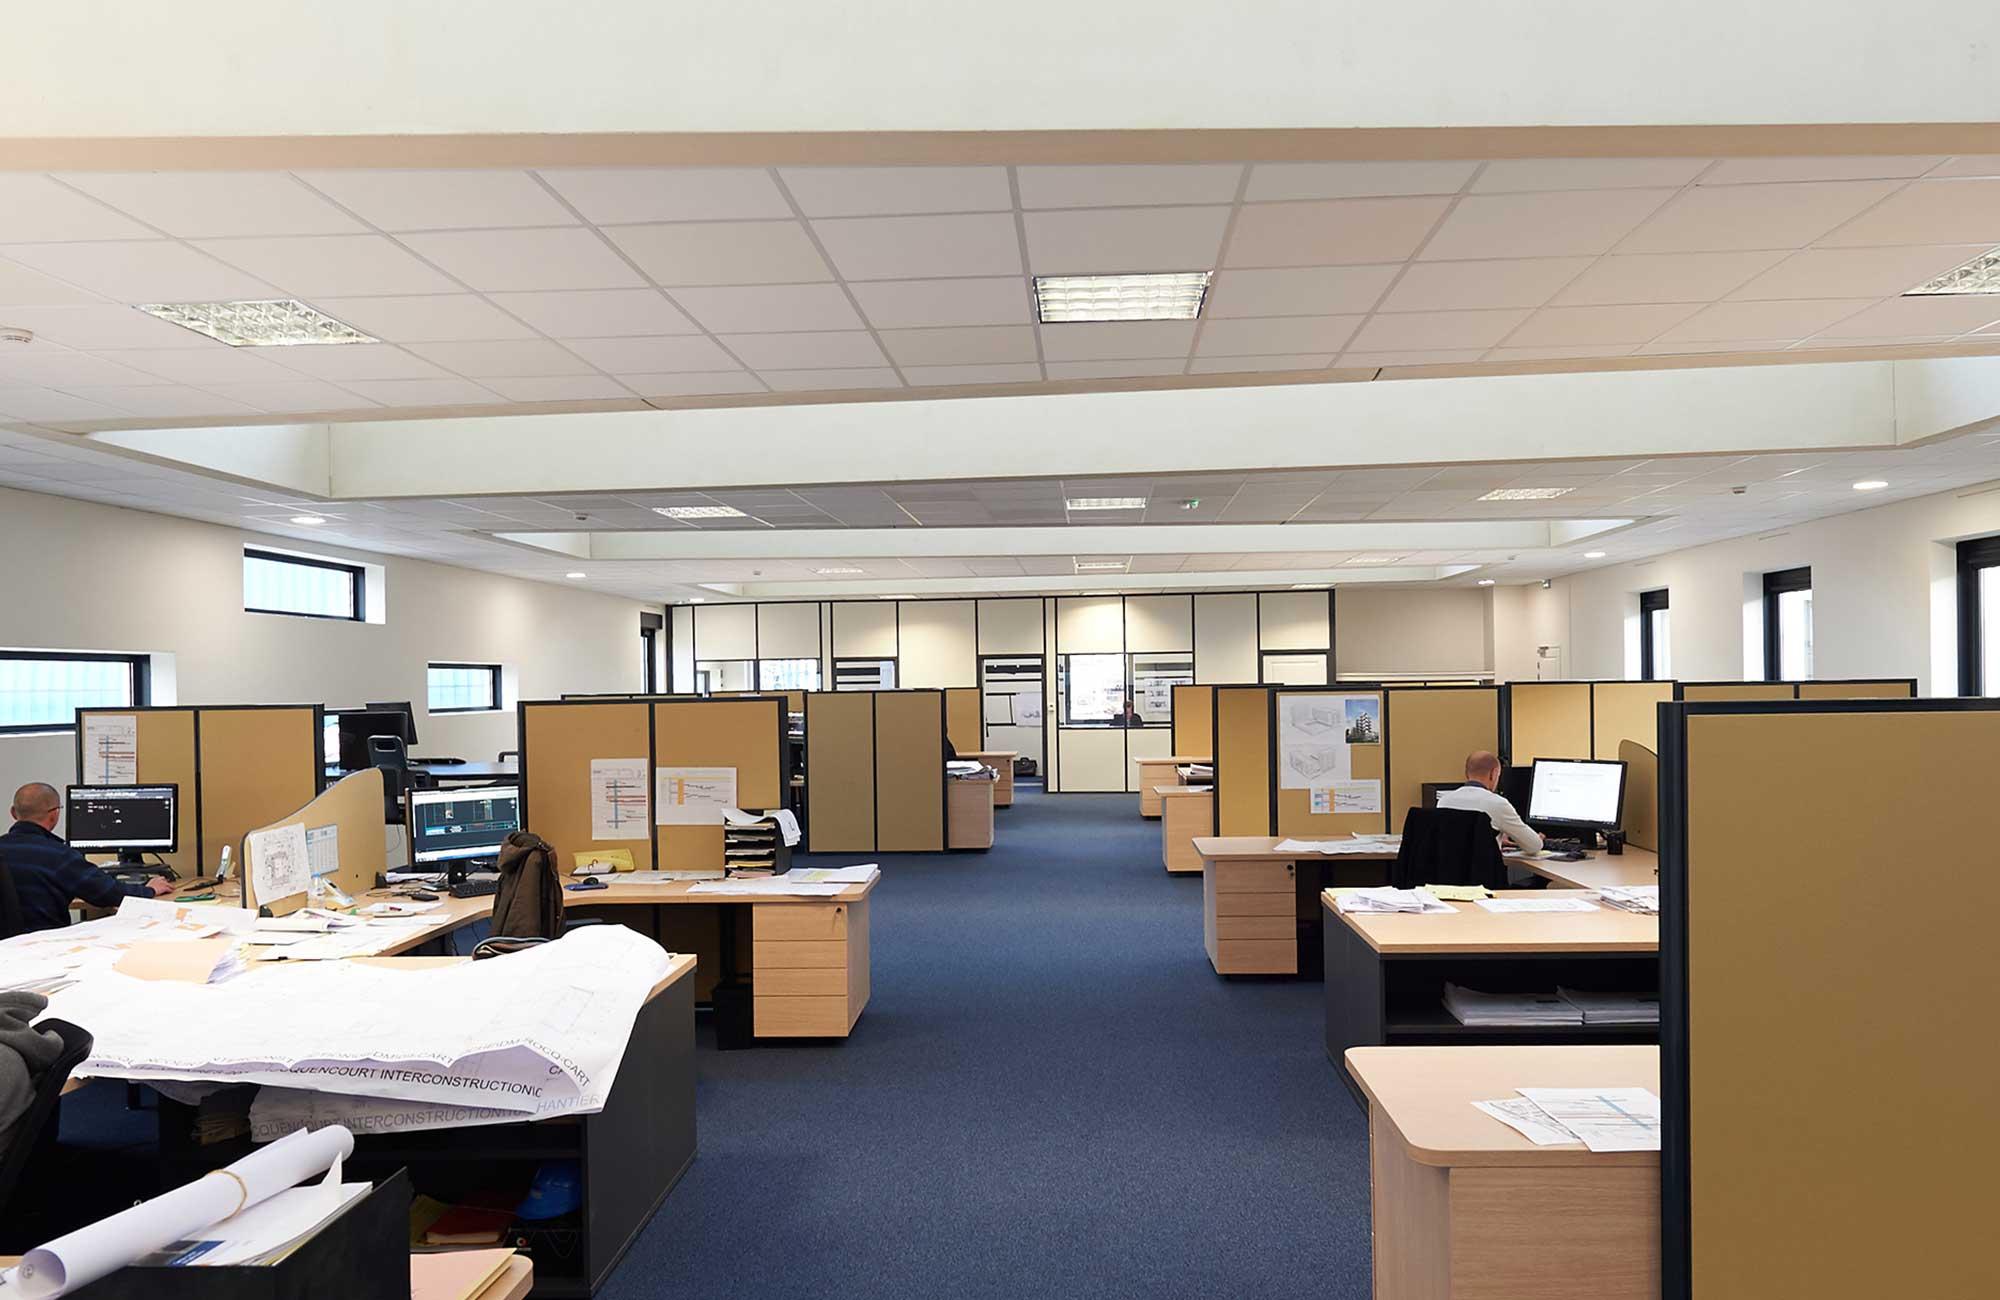 agence schneider caen architecte urbaniste normandie bureaux parois parietodynamiques 0 agence. Black Bedroom Furniture Sets. Home Design Ideas